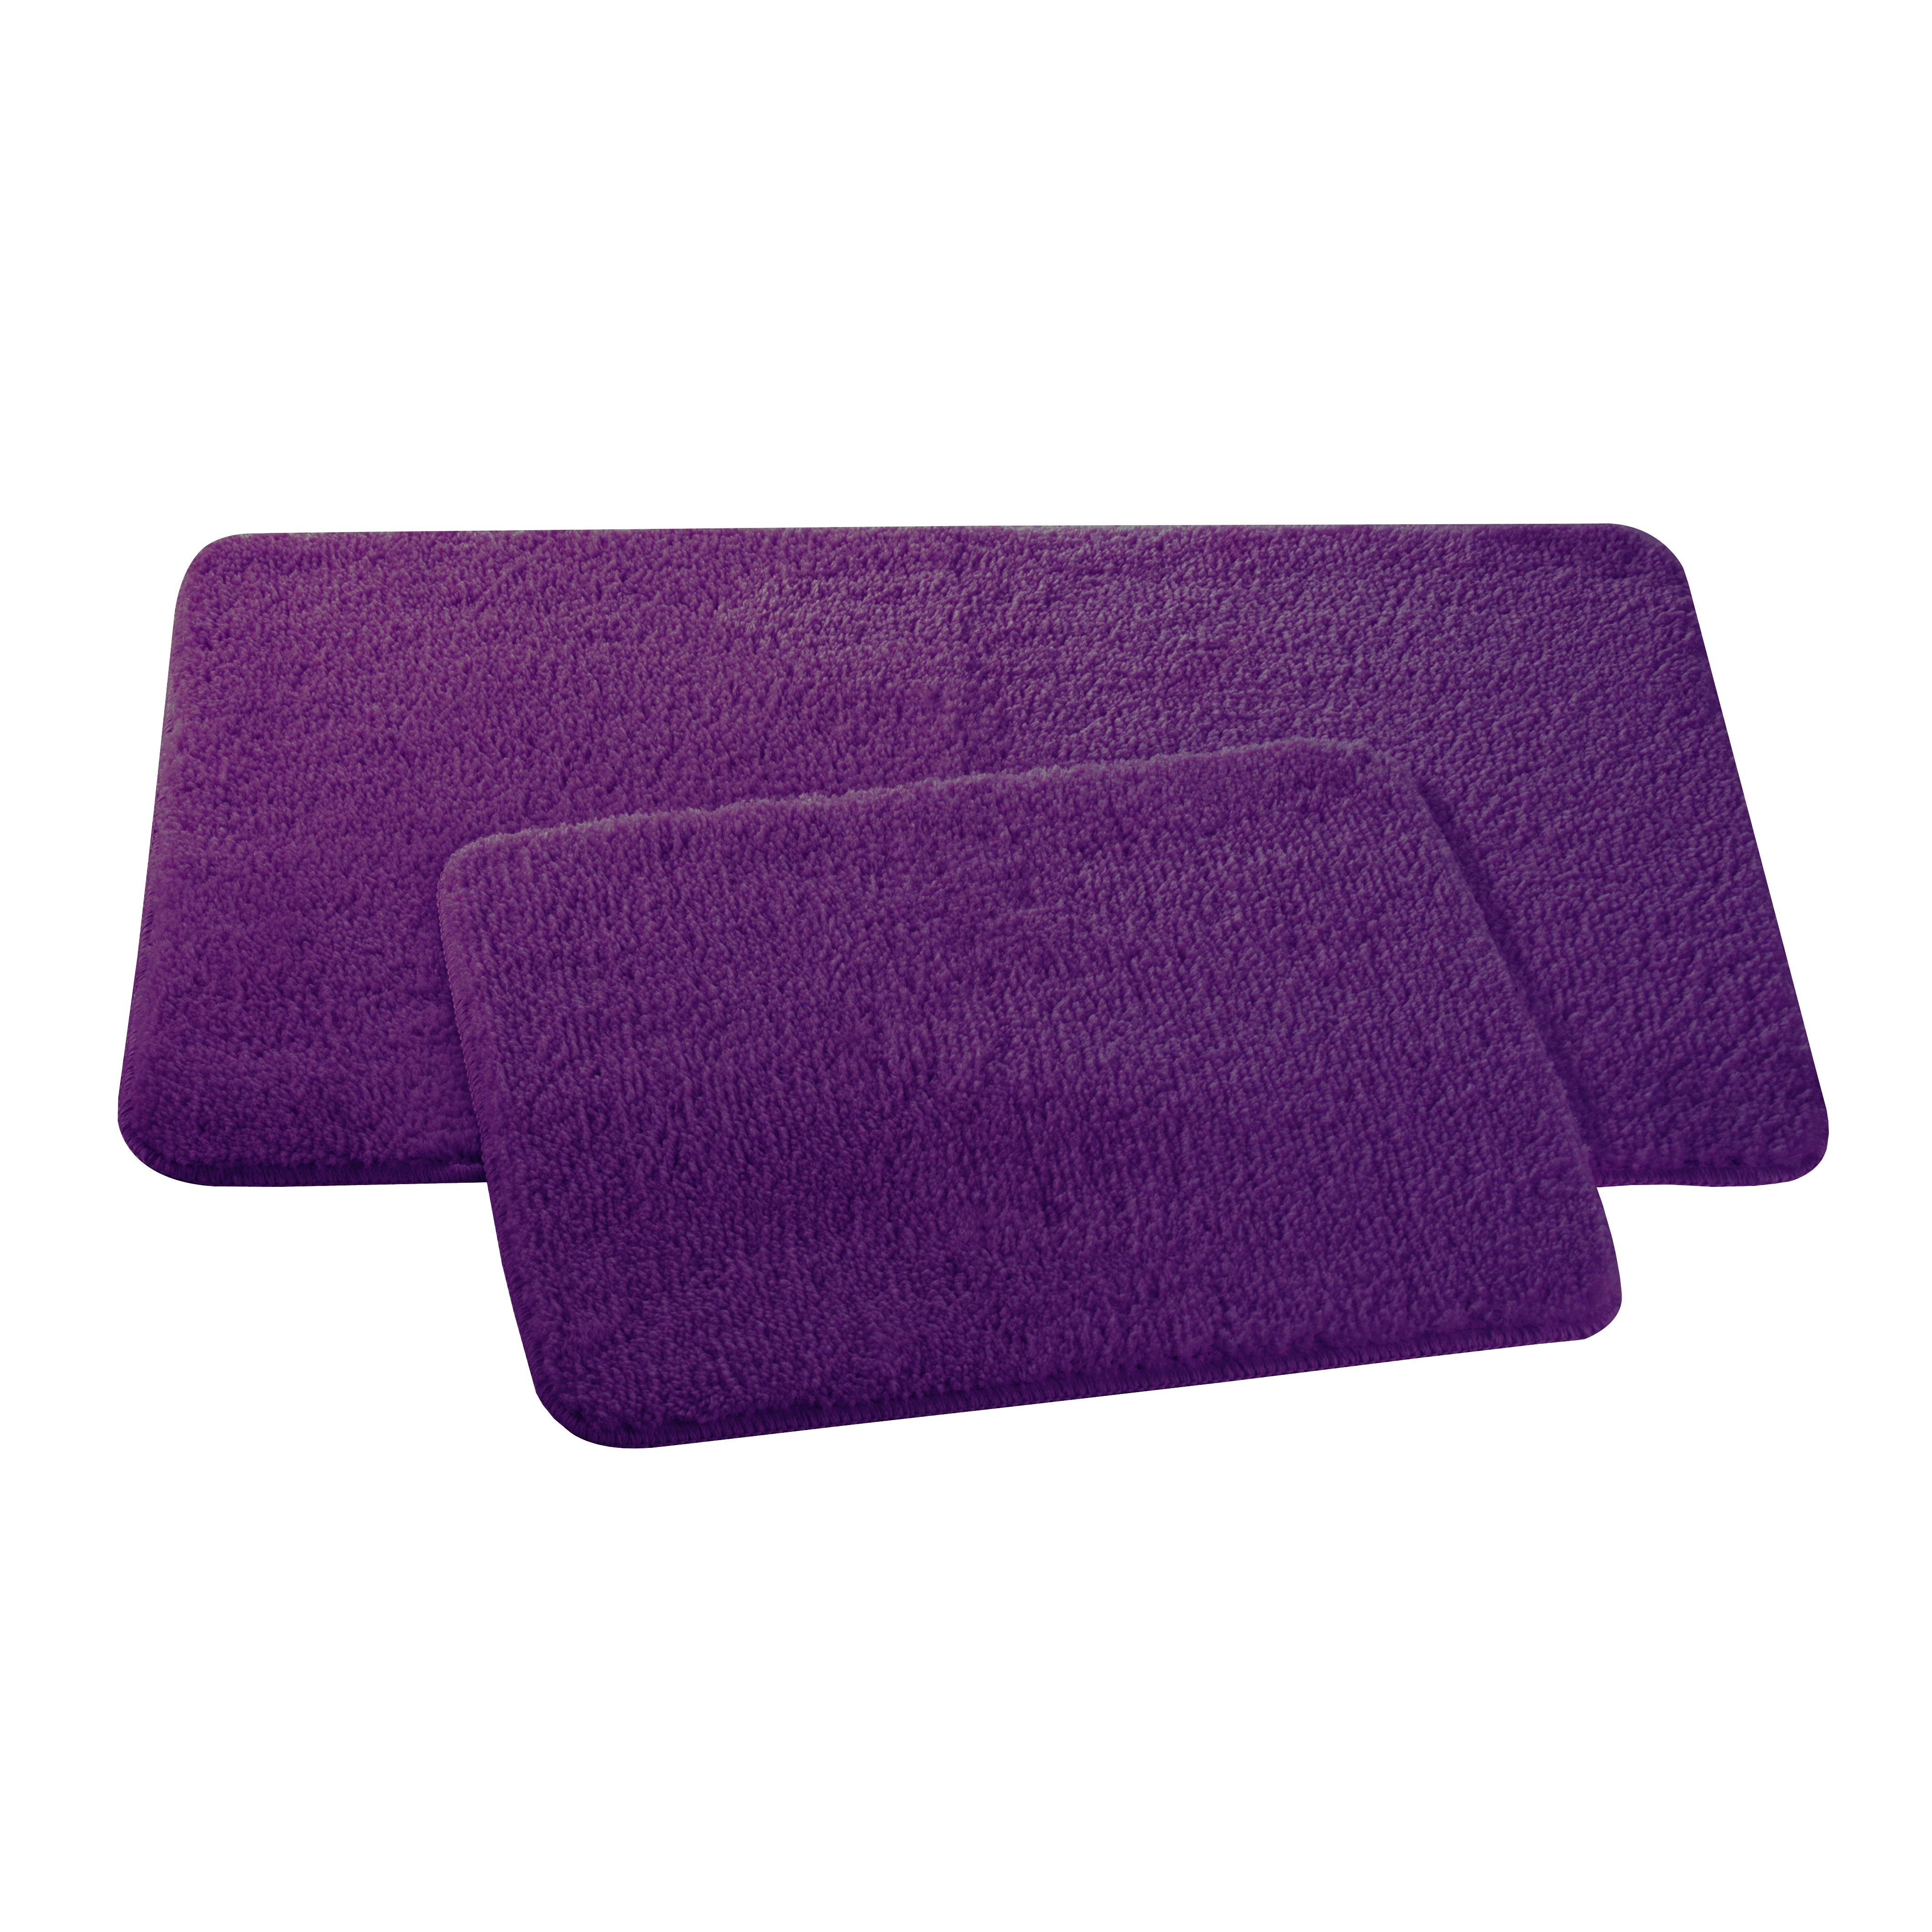 Набор ковриков для ванной и туалета Axentia, цвет: фиолетовый, 2 штUP210DFНабор Axentia, выполненный из микрофибры (100% полиэстер), состоит из двух стеганых ковриков для ванной комнаты и туалета. Противоскользящее основание изготовлено из термопластичной резины и подходит для полов с подогревом. Коврики мягкие и приятные на ощупь, отлично впитывают влагу и быстро сохнут. Высокая износостойкость ковриков и стойкость цвета позволит вам наслаждаться покупкой долгие годы. Можно стирать в стиральной машине. Размер ковриков: 50 х 80 см; 50 х 40 см.Высота ворса 1,5 см.